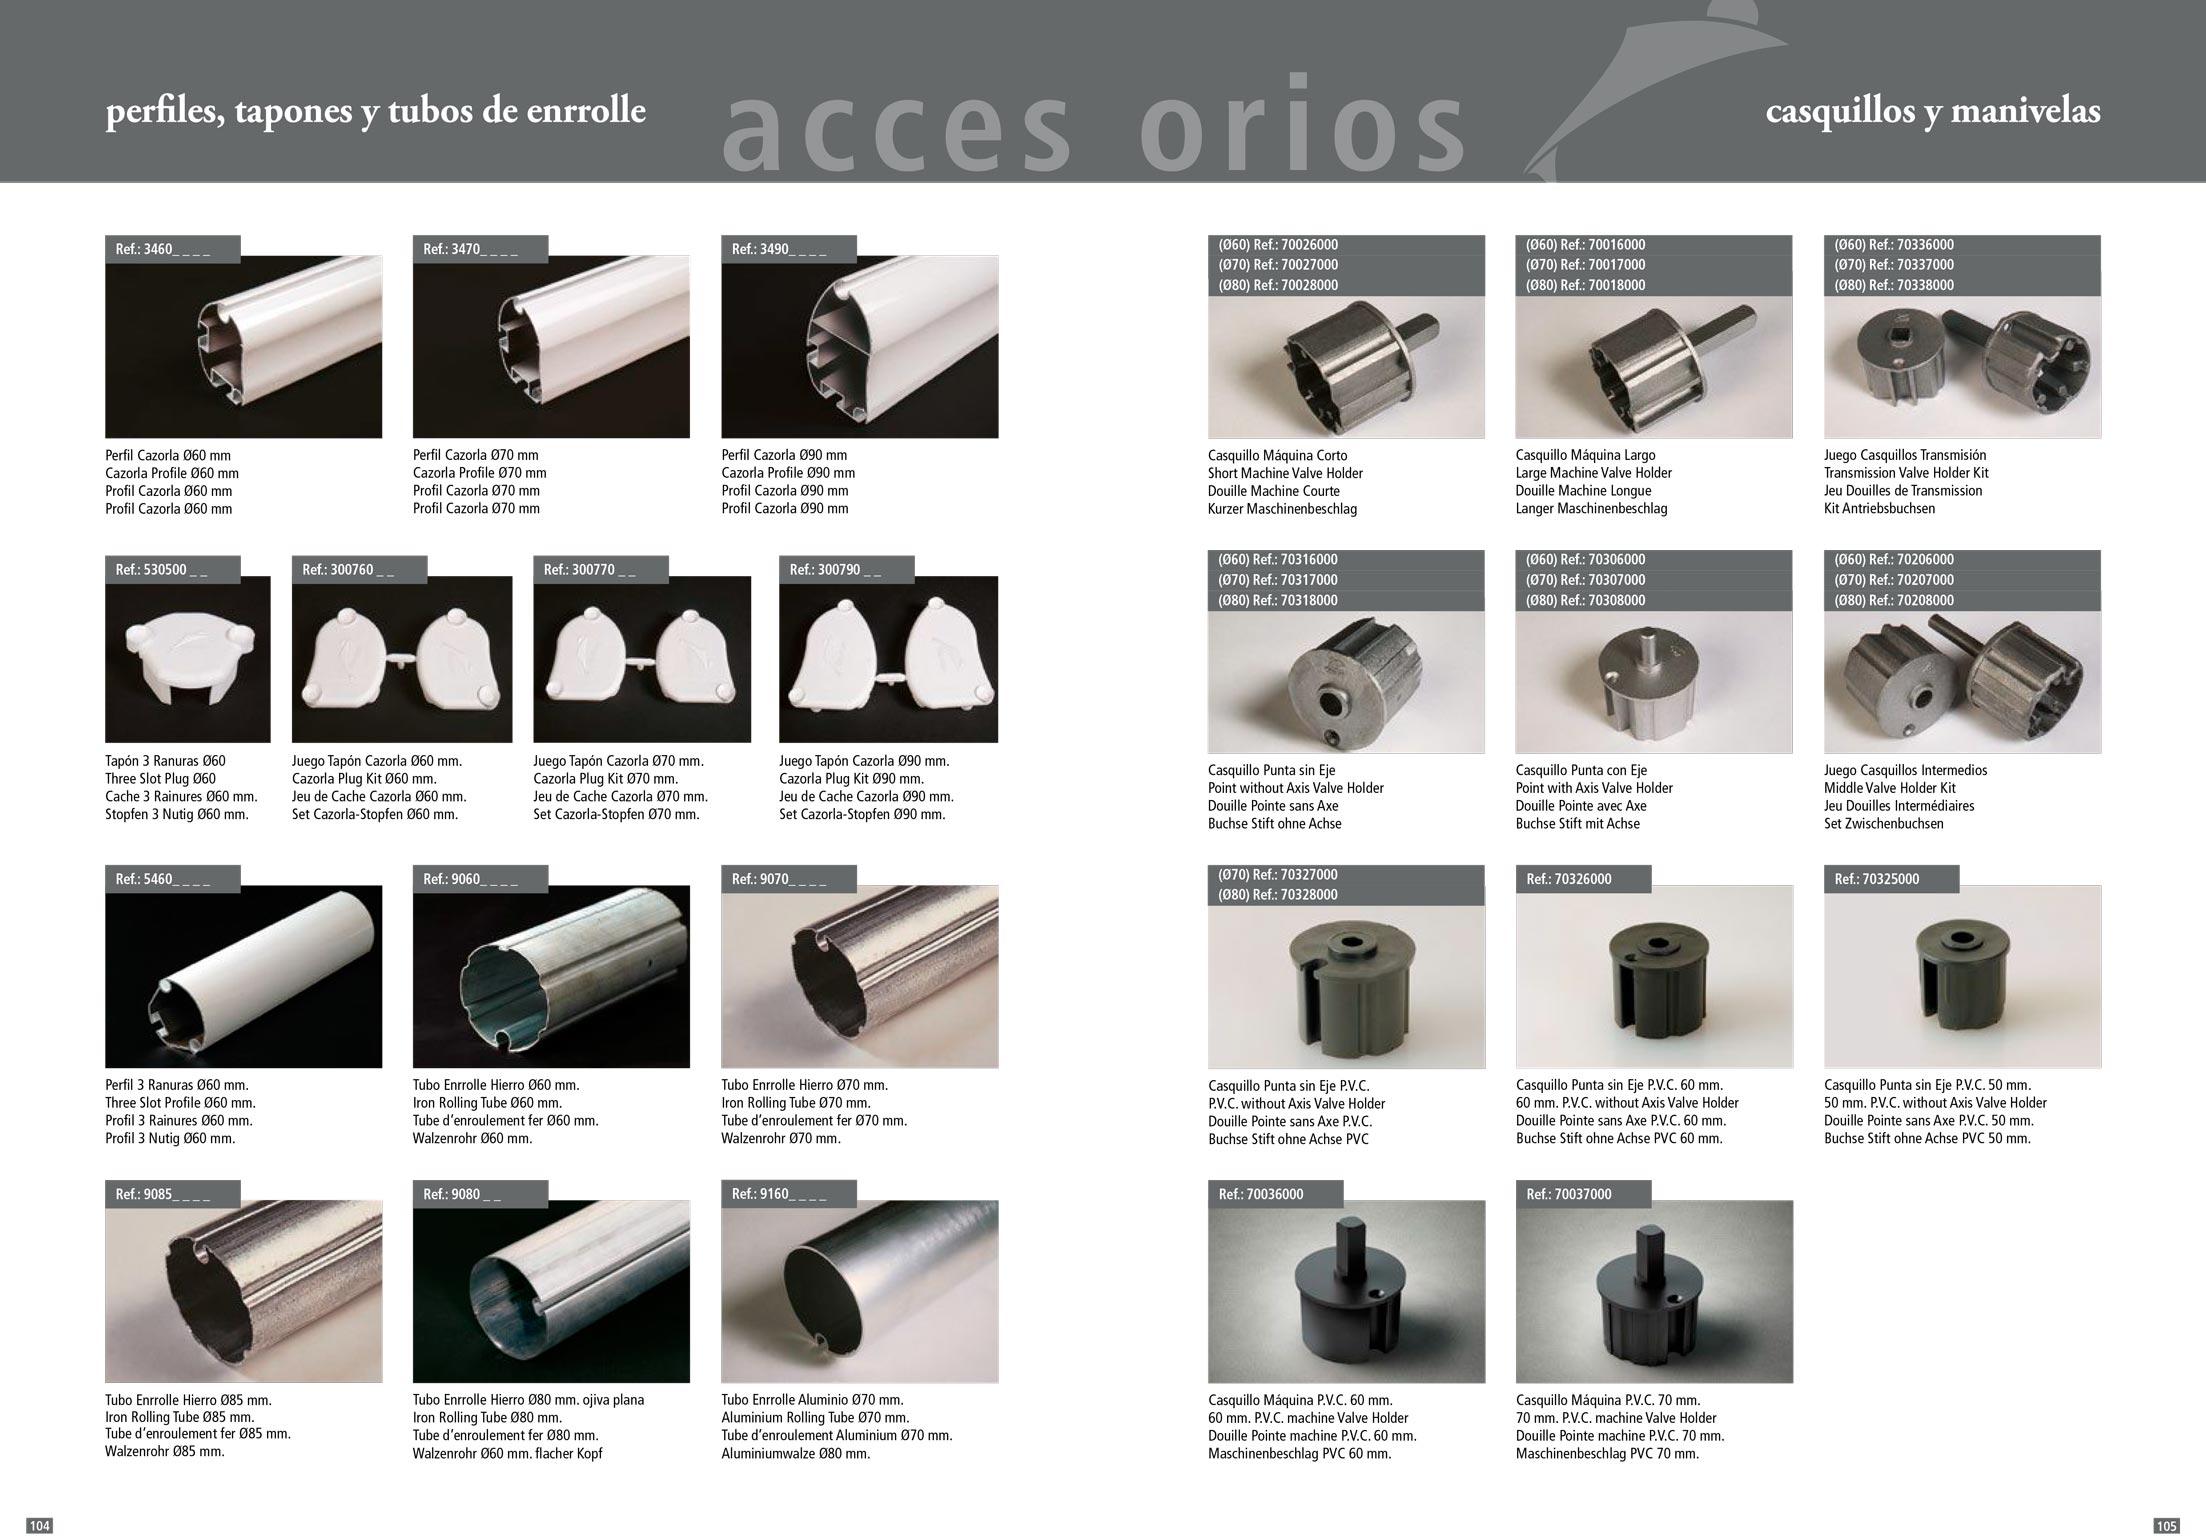 Accesorios para toldos y verticales stadia store for Accesorios para toldos de balcon